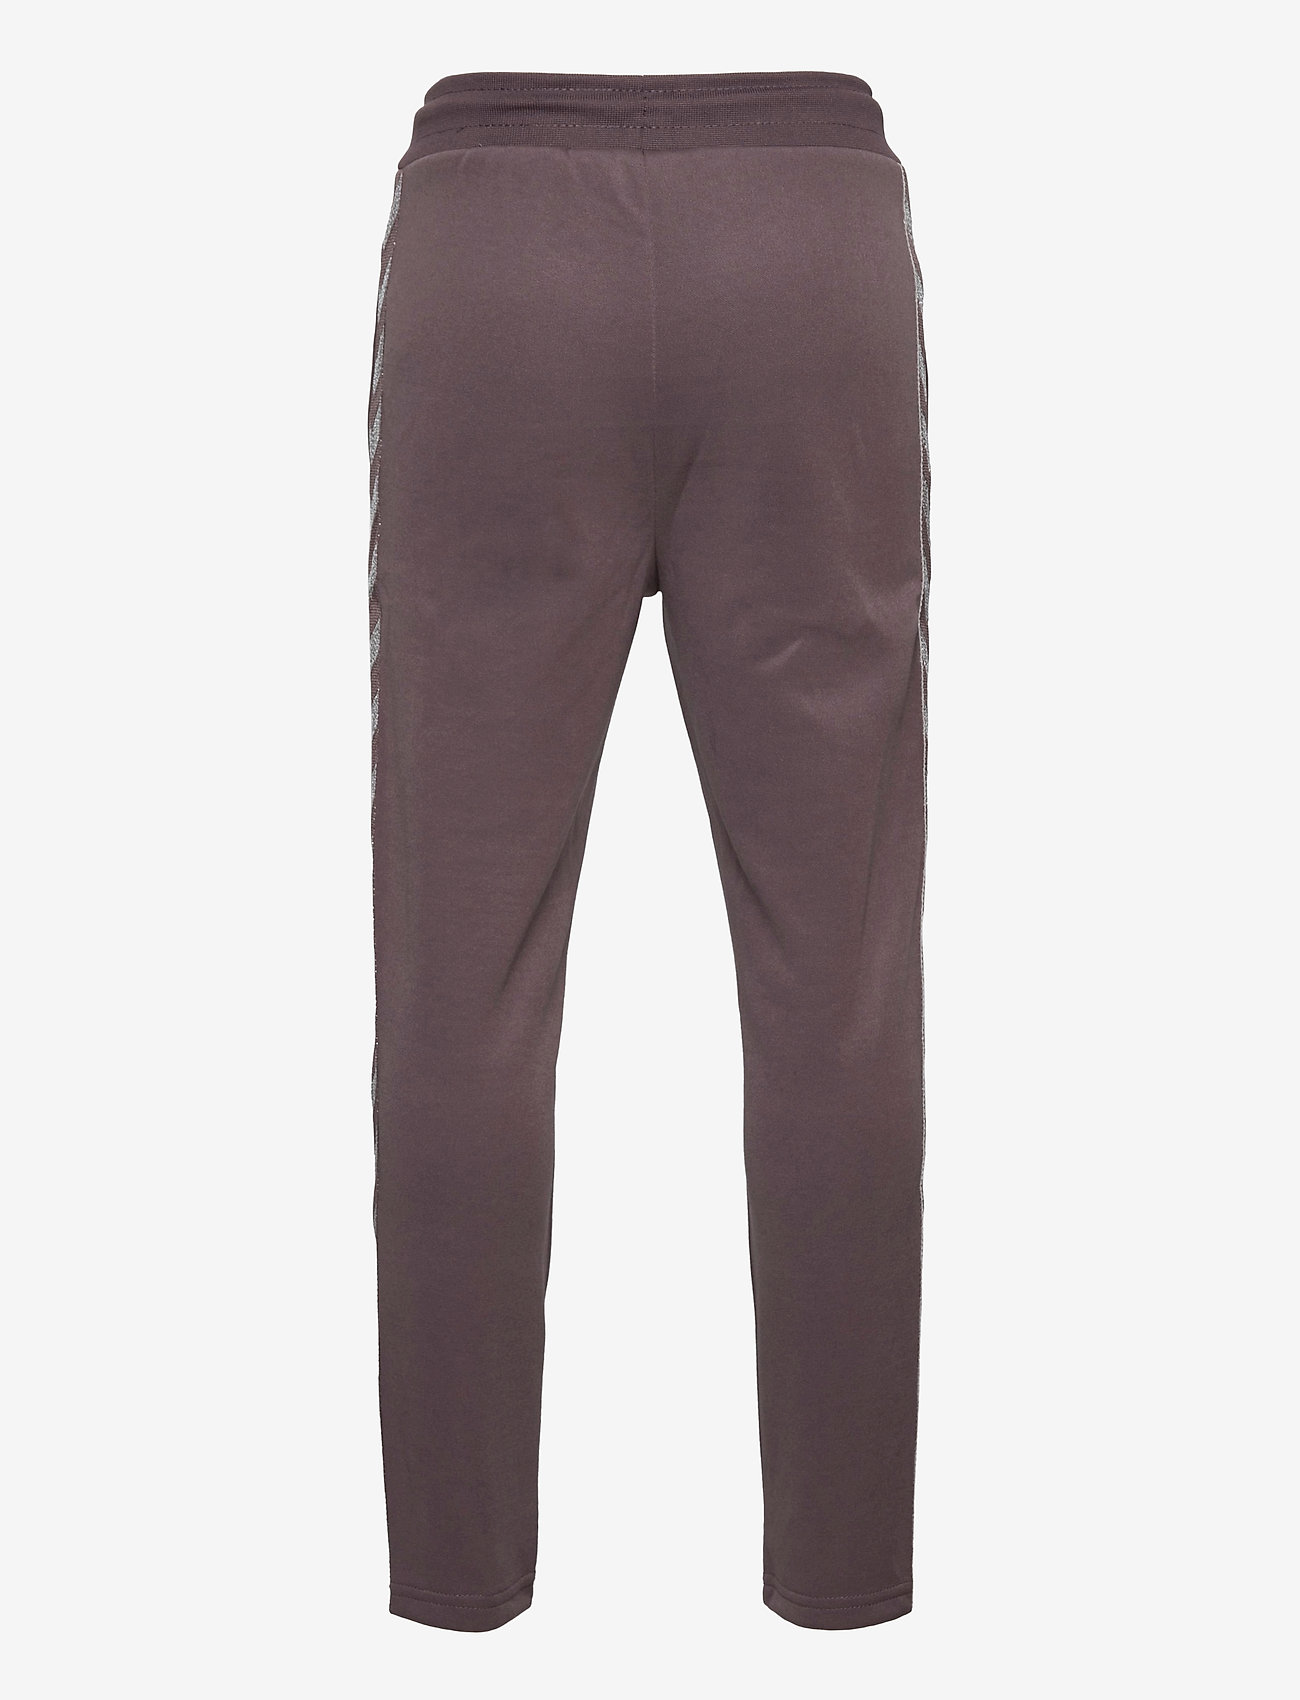 Hummel - HMLKICK PANTS - sweatpants - sparrow - 1